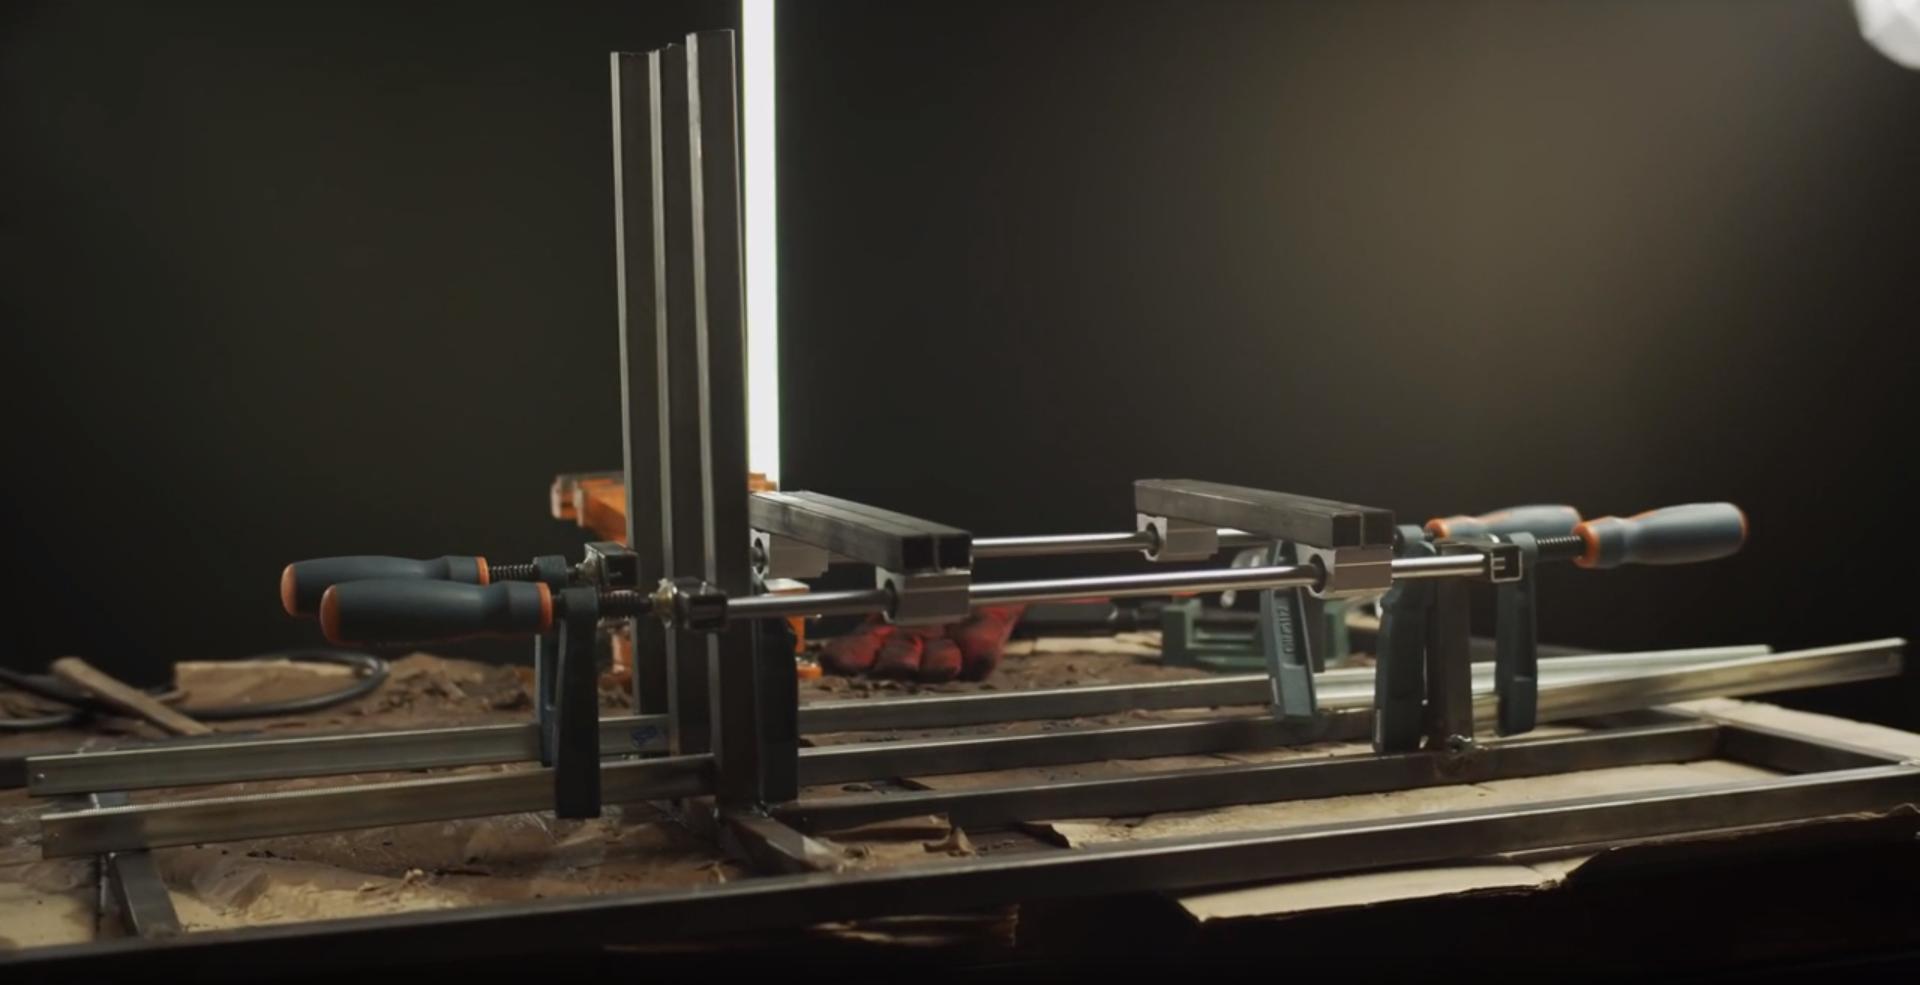 Ракета от Амперки, часть 2: корпус двигателя, расчет сопла - 9